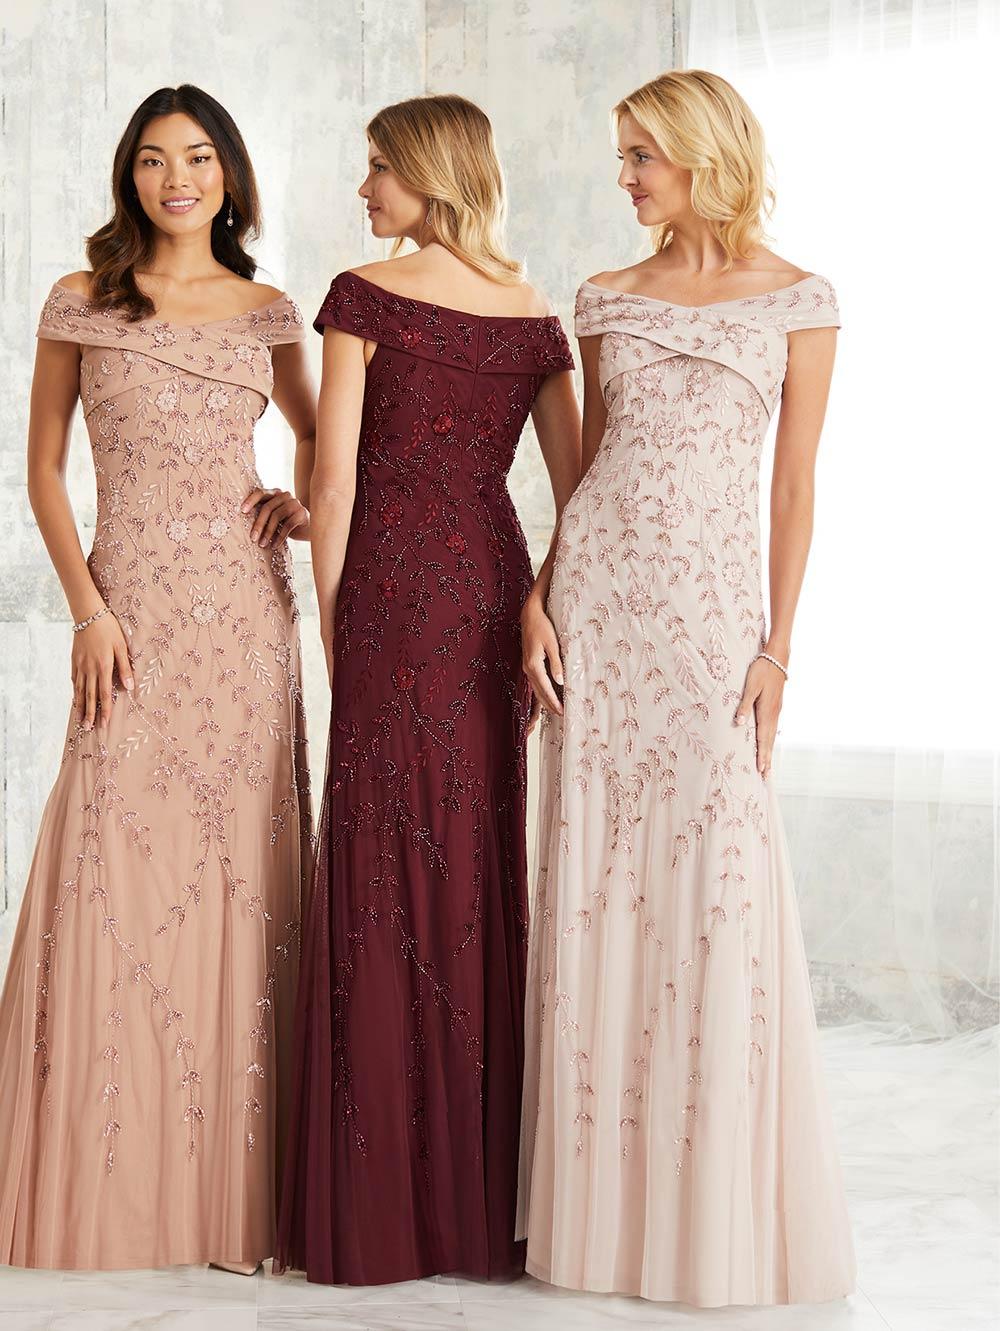 bridesmaid-dresses-adrianna-papell-platinum-27858